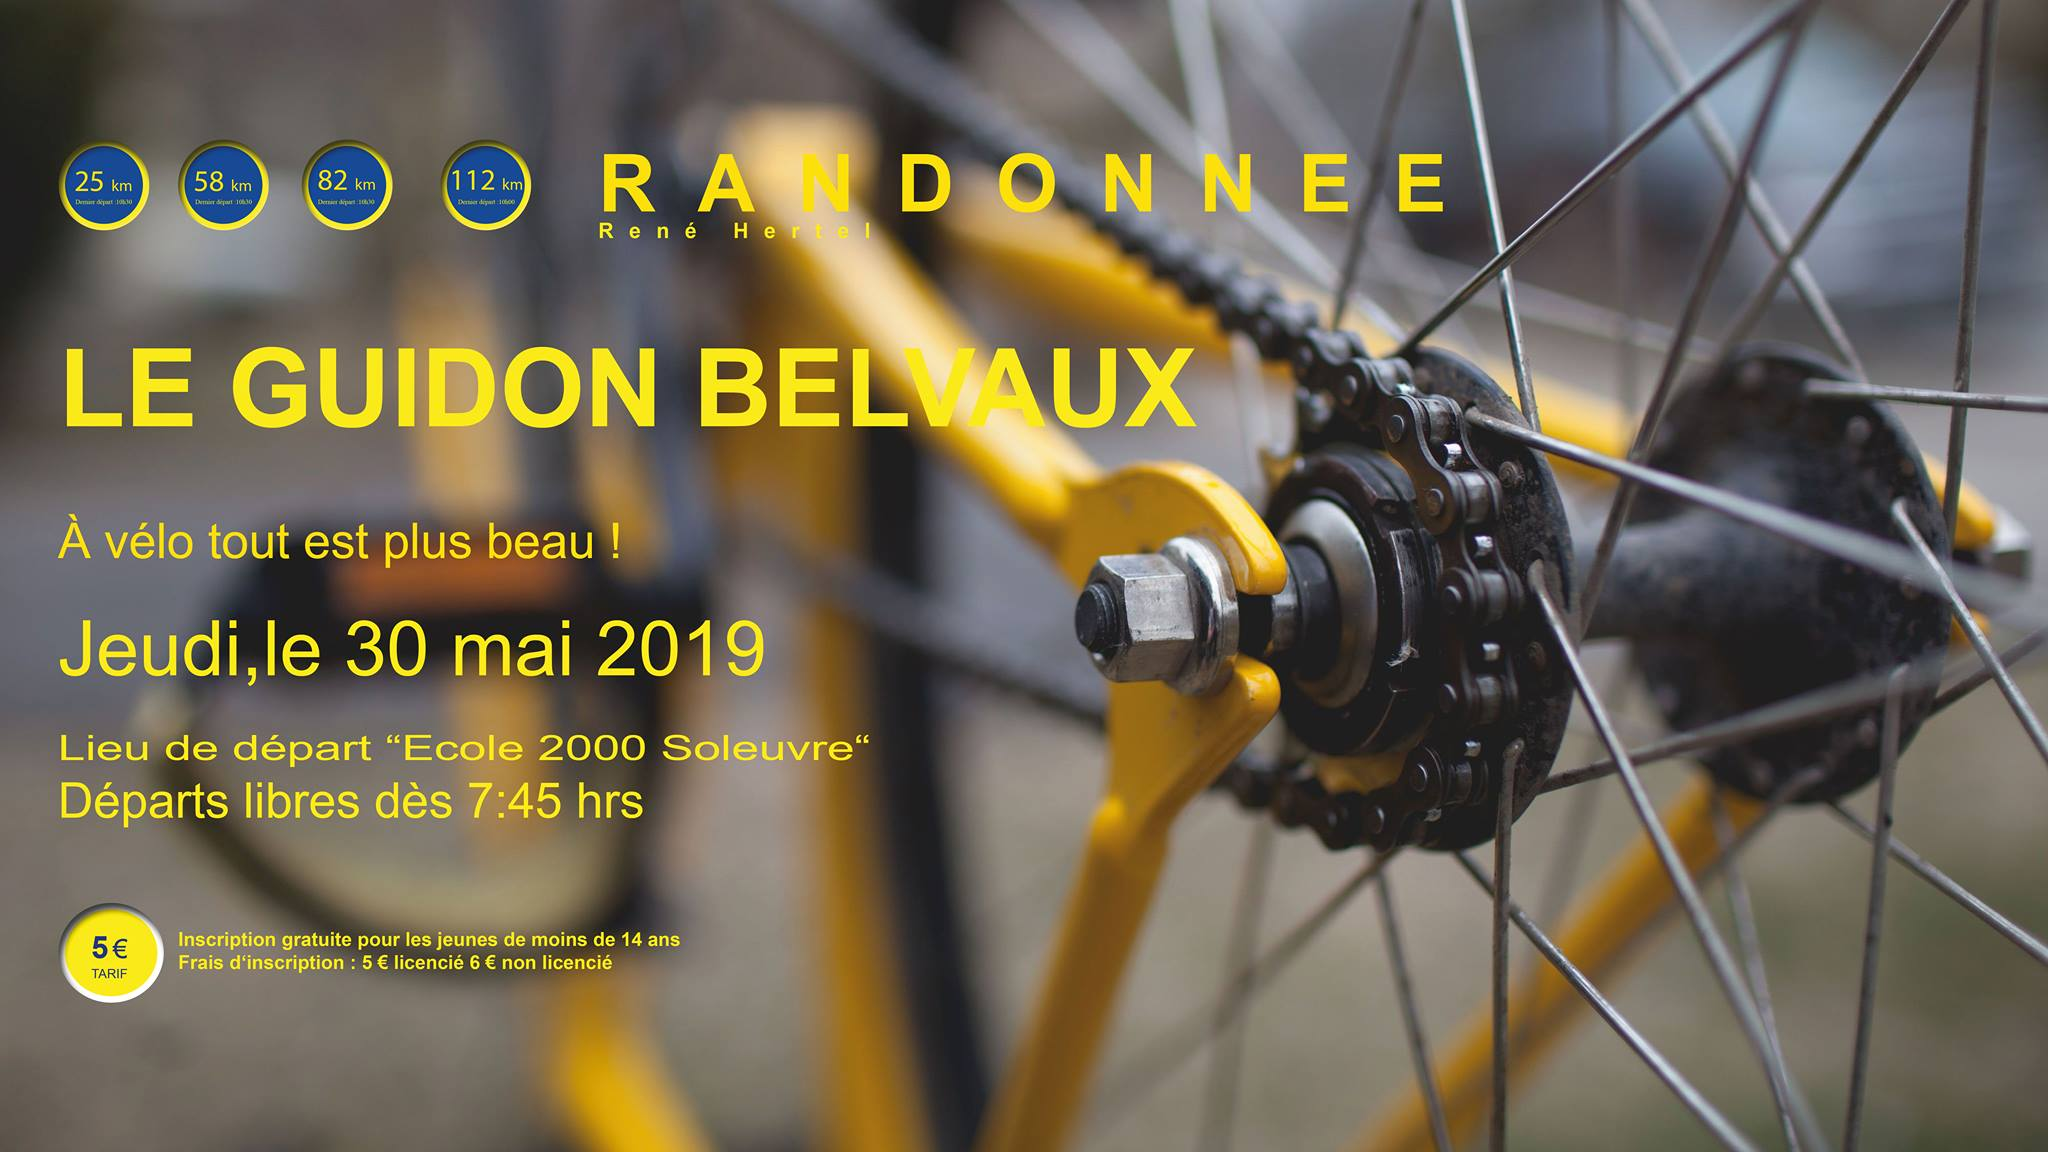 Randonnée René Hertel Jeudi le 30 mai 2019